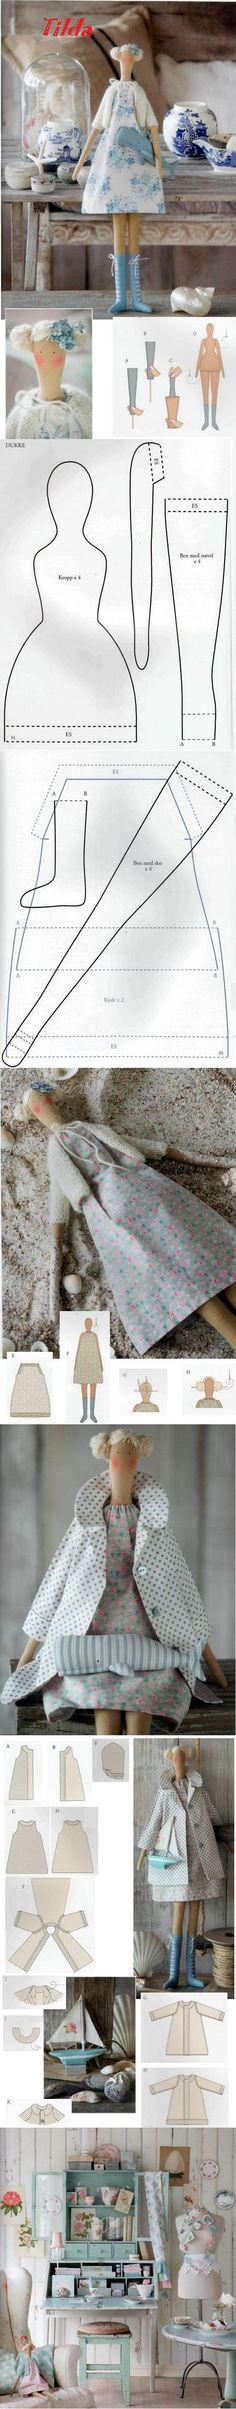 La verdad es que estas muñecas de fieltro con un estilo alargado son bastantes curiosas, muy propias del estilo de Tilda. Son estupendas, ya que le puedes hacer cualquier tipo de ropa y de compleme…